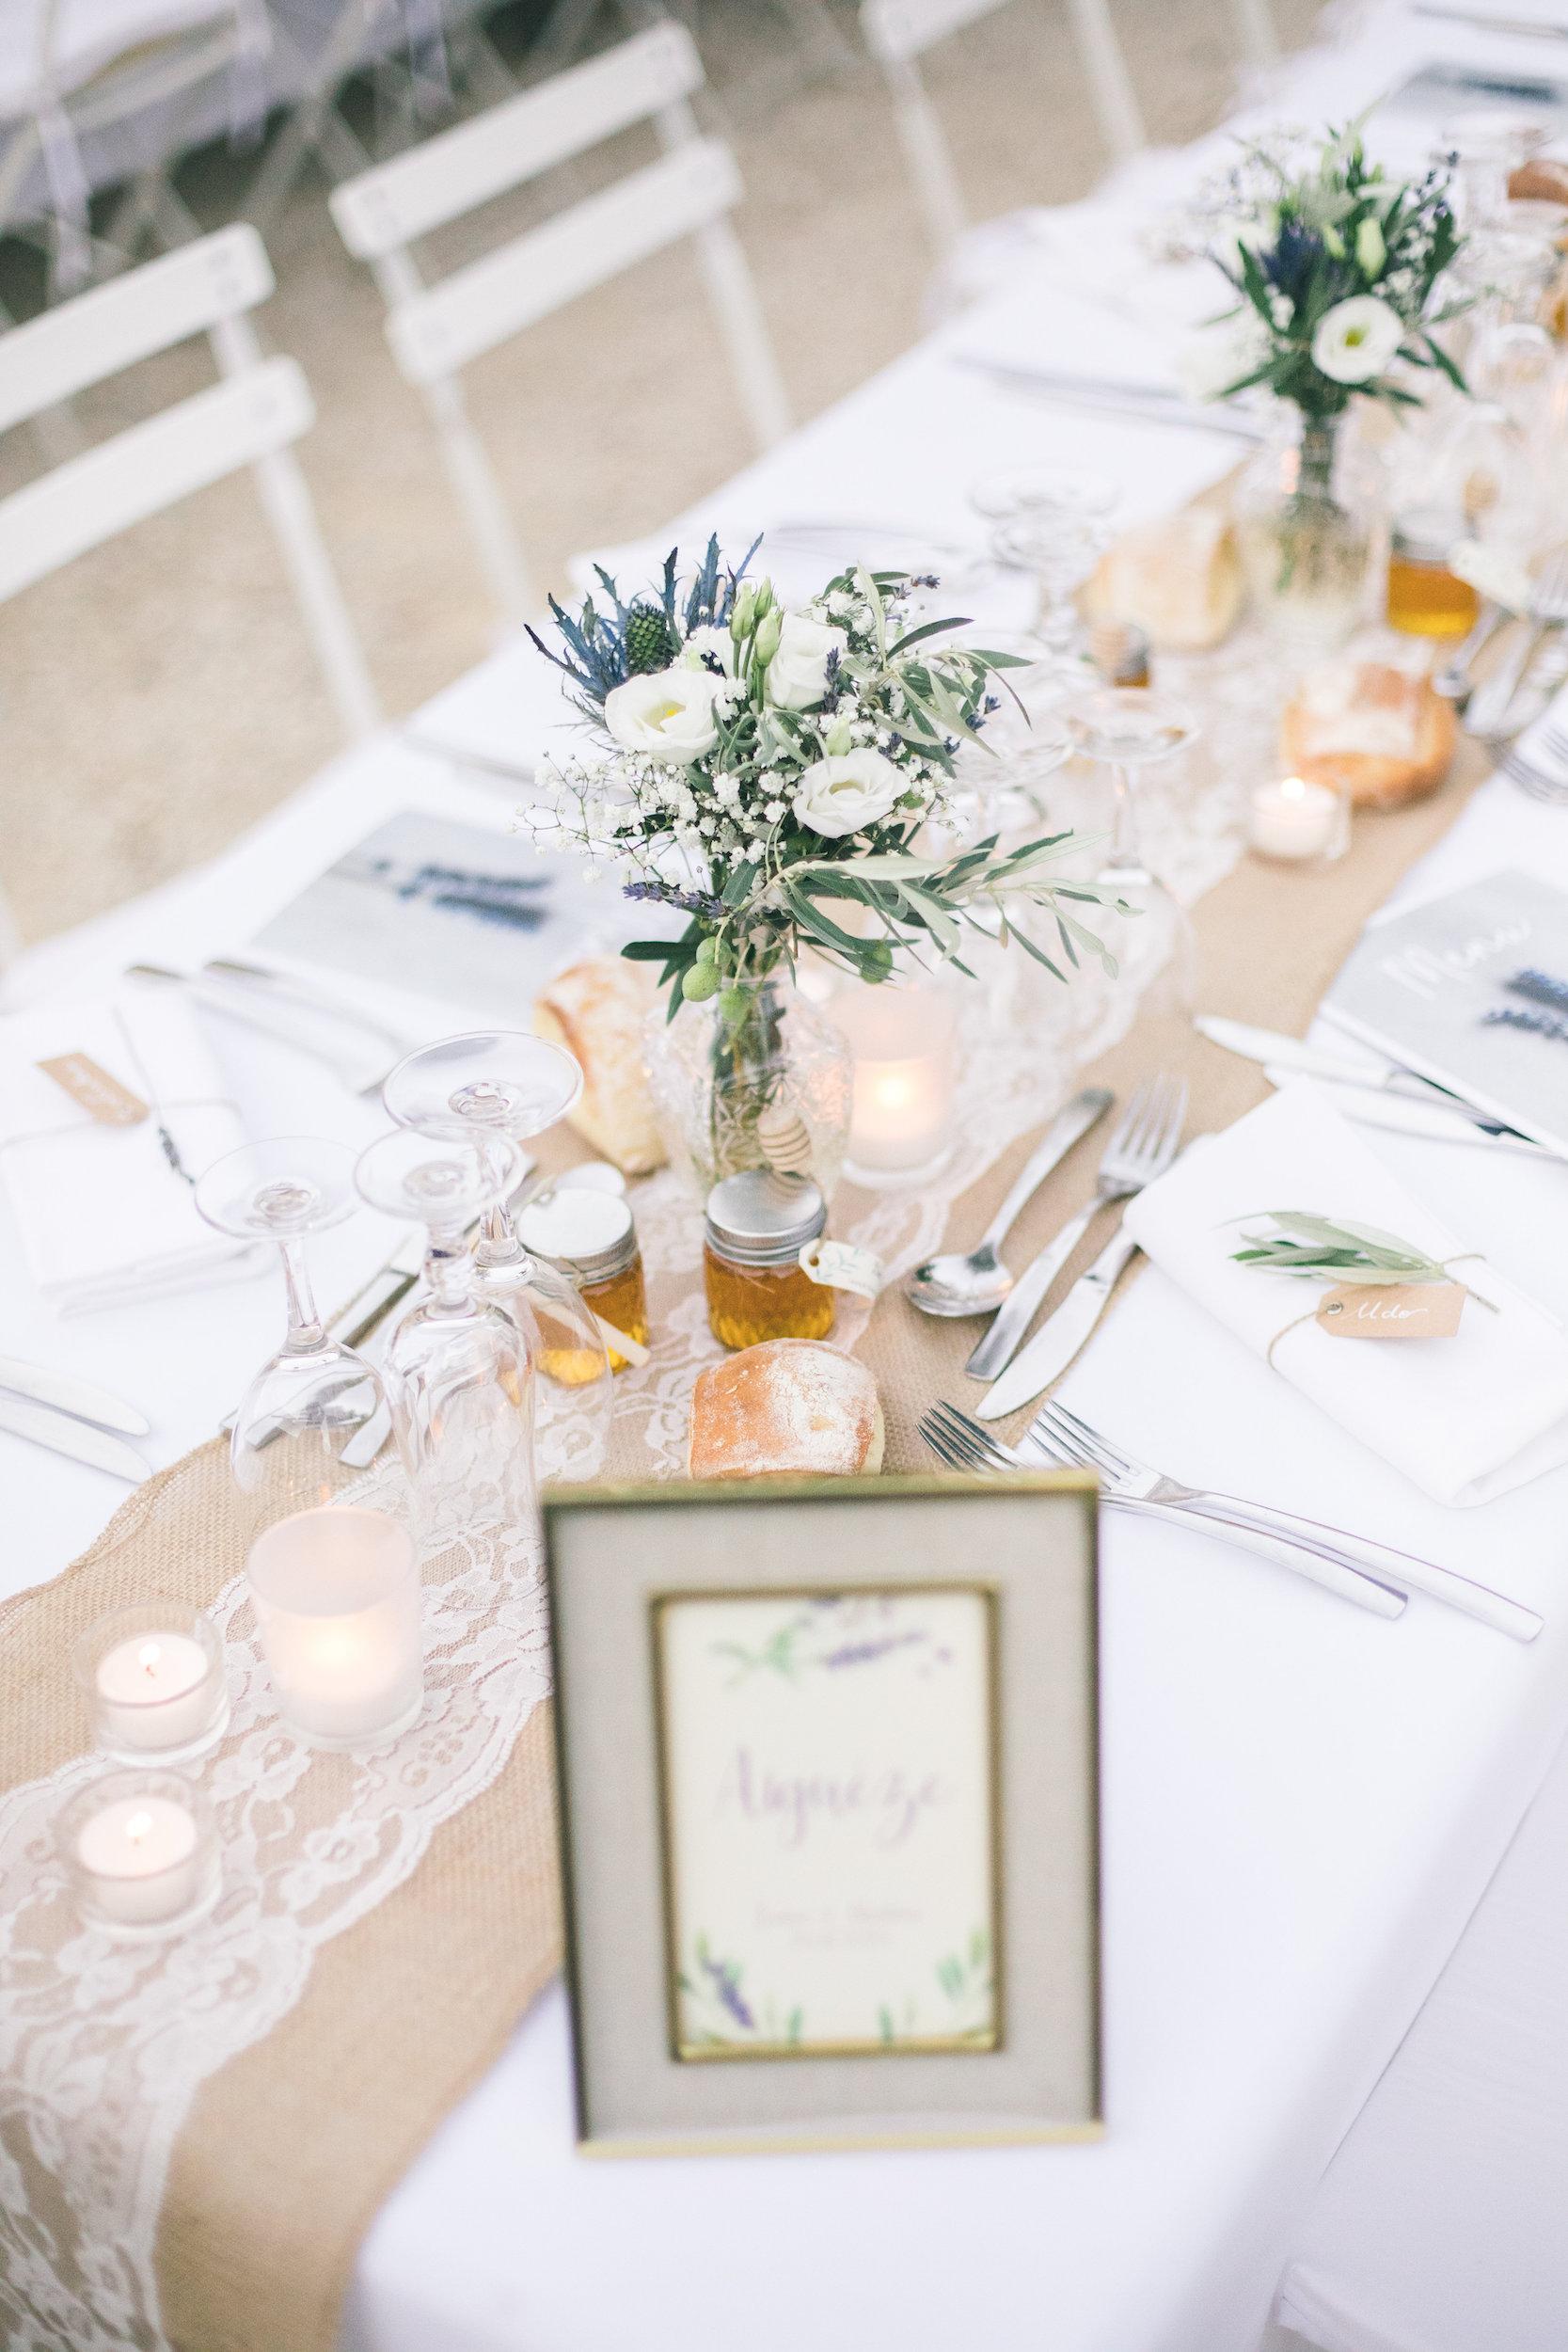 le coeur dans les etoiles - wedding planner - gard - provence - mariage provence - L&C - sebastien cabanes - deco table fleurs